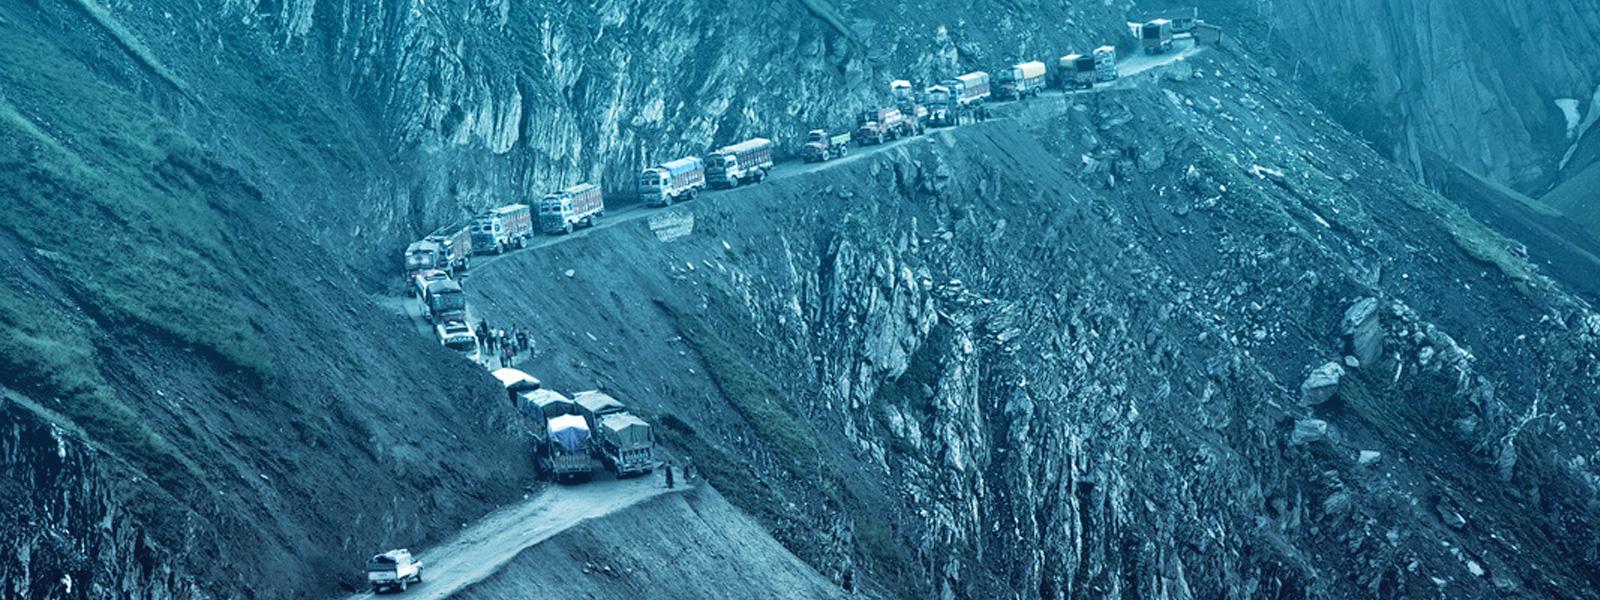 estradas-mais-perigosas-mundo-passagem-zoji-la-blog-ceabs